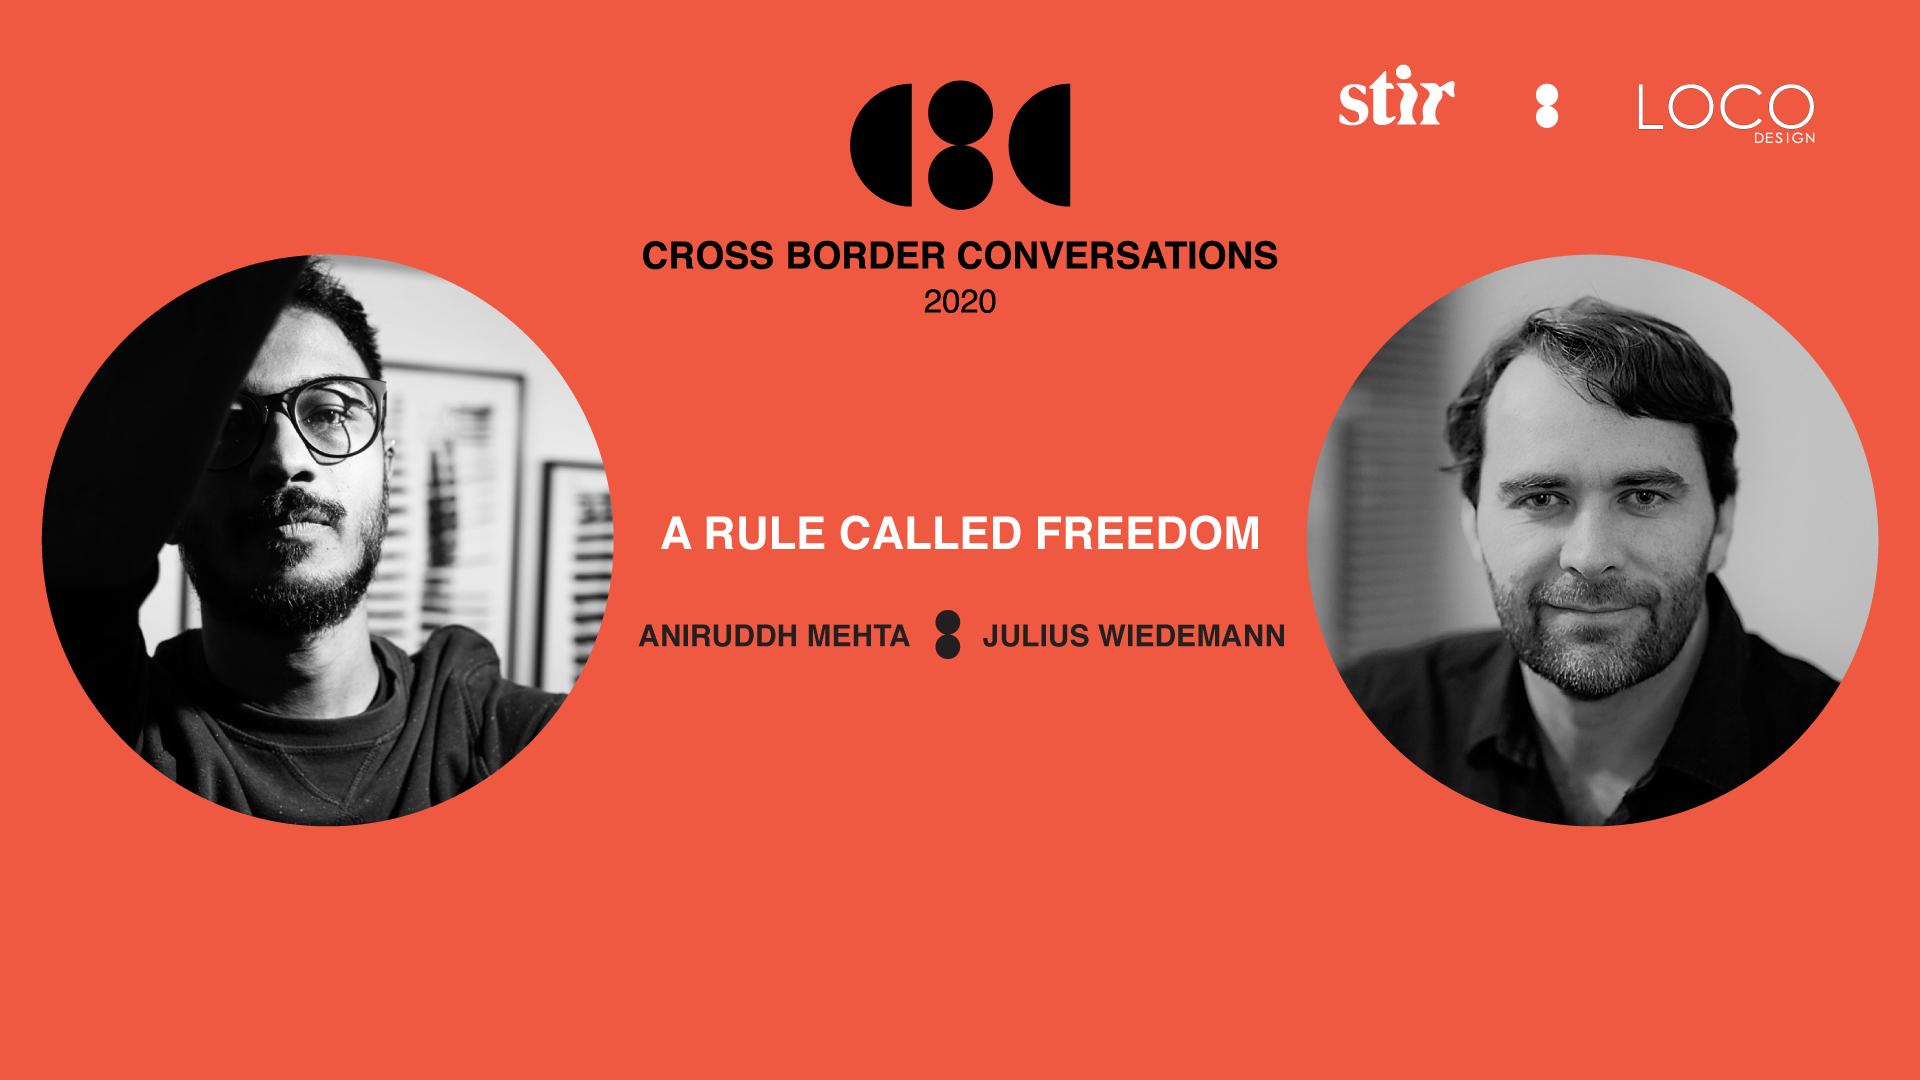 Cross Border Conversations | Aniruddh Mehta X Julius Wiedemann |  STIR X LOCO Design